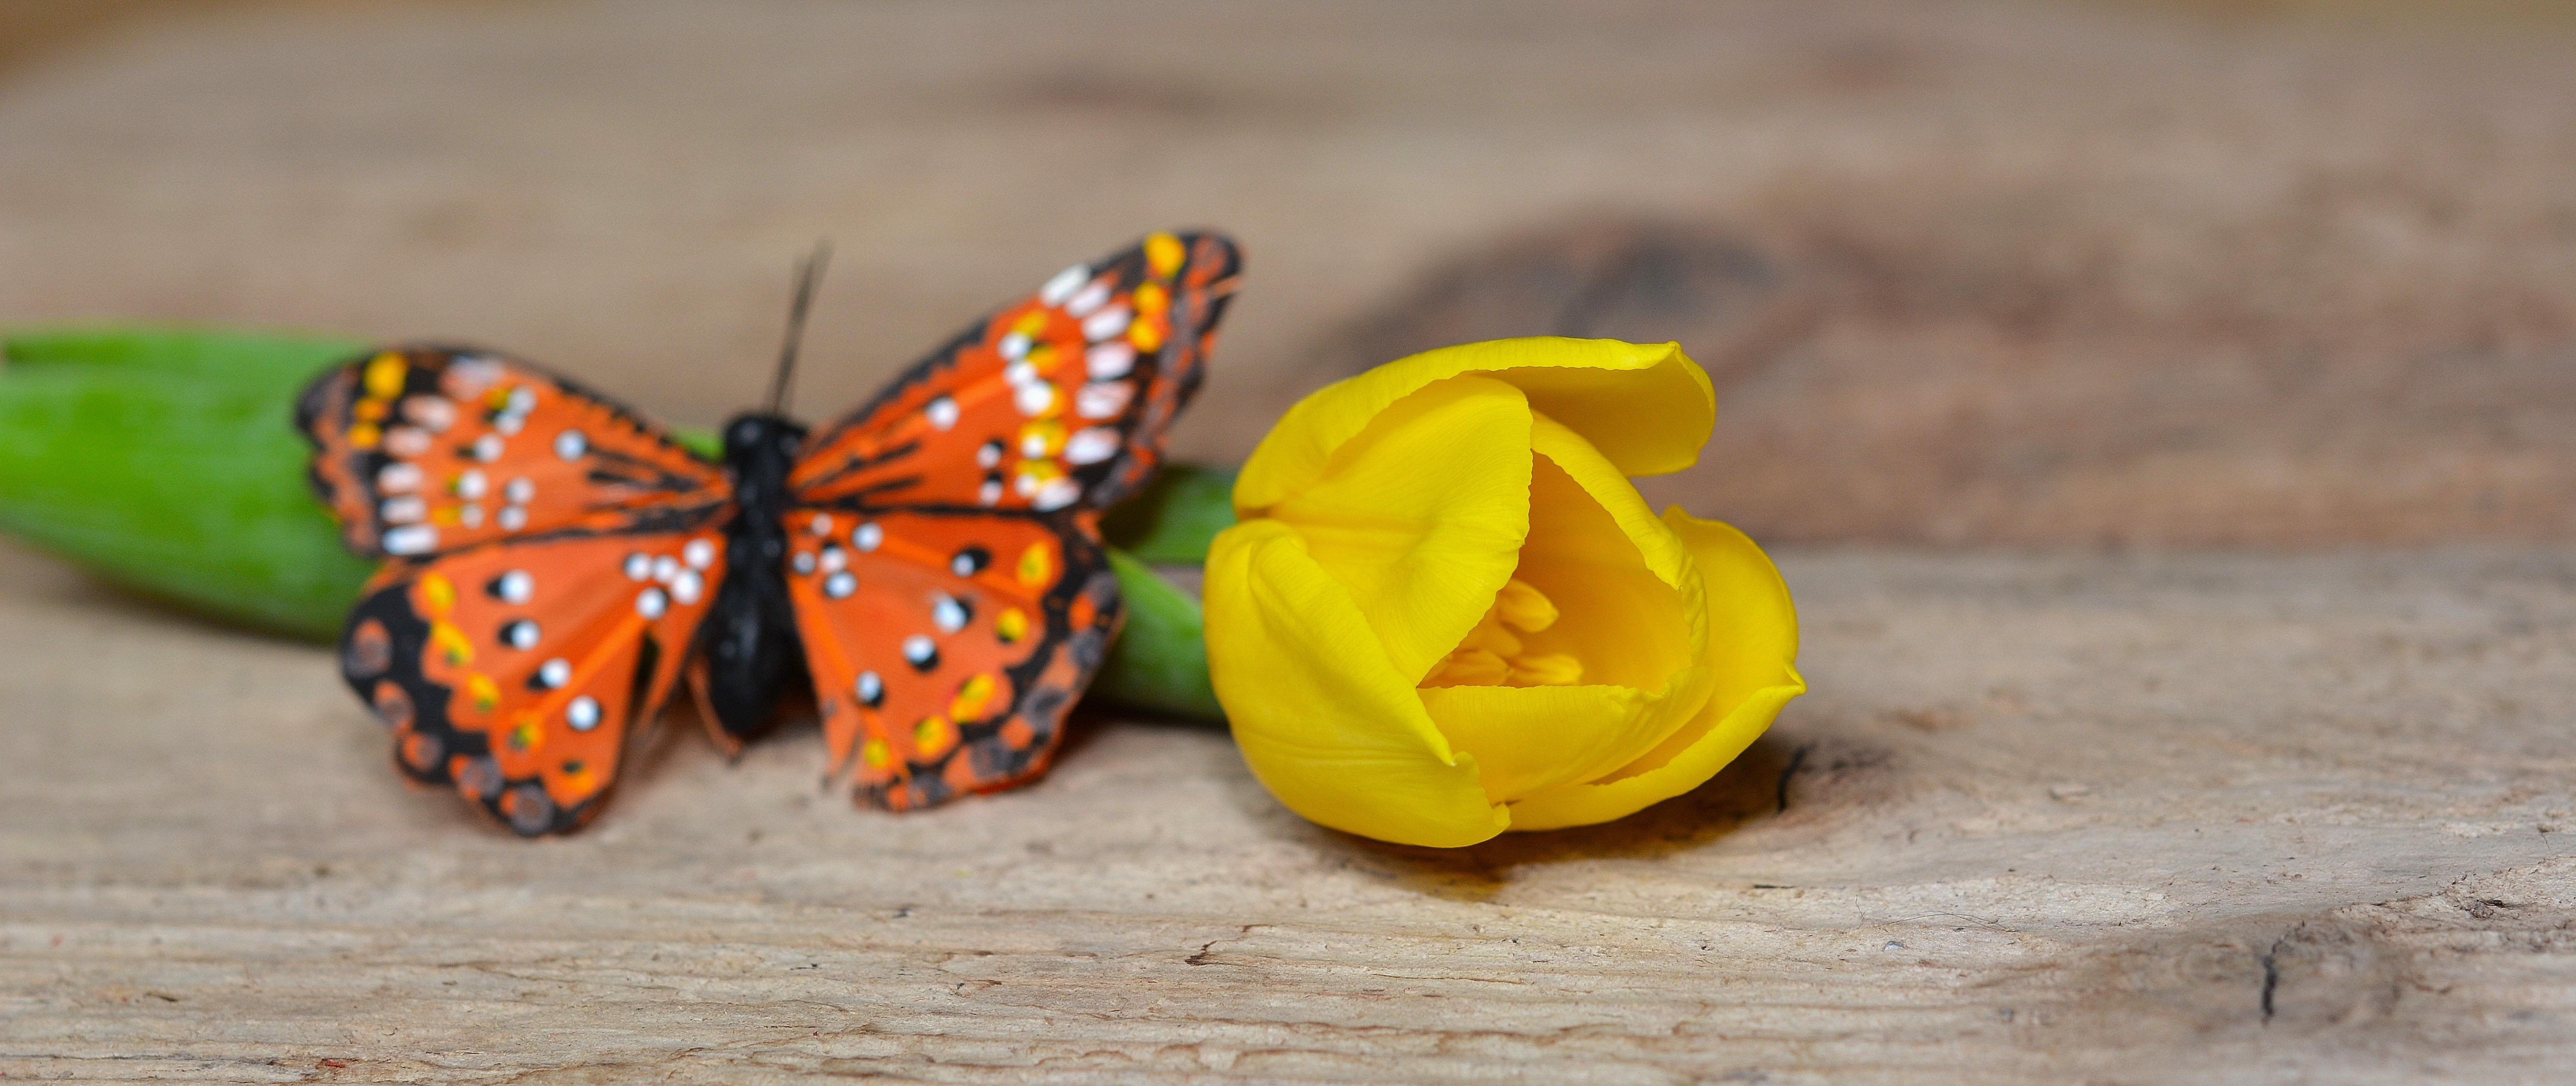 Fotos Gratis Madera P Talo Tulip N Insecto Mariposa  ~ Como Son Las Polillas De La Madera